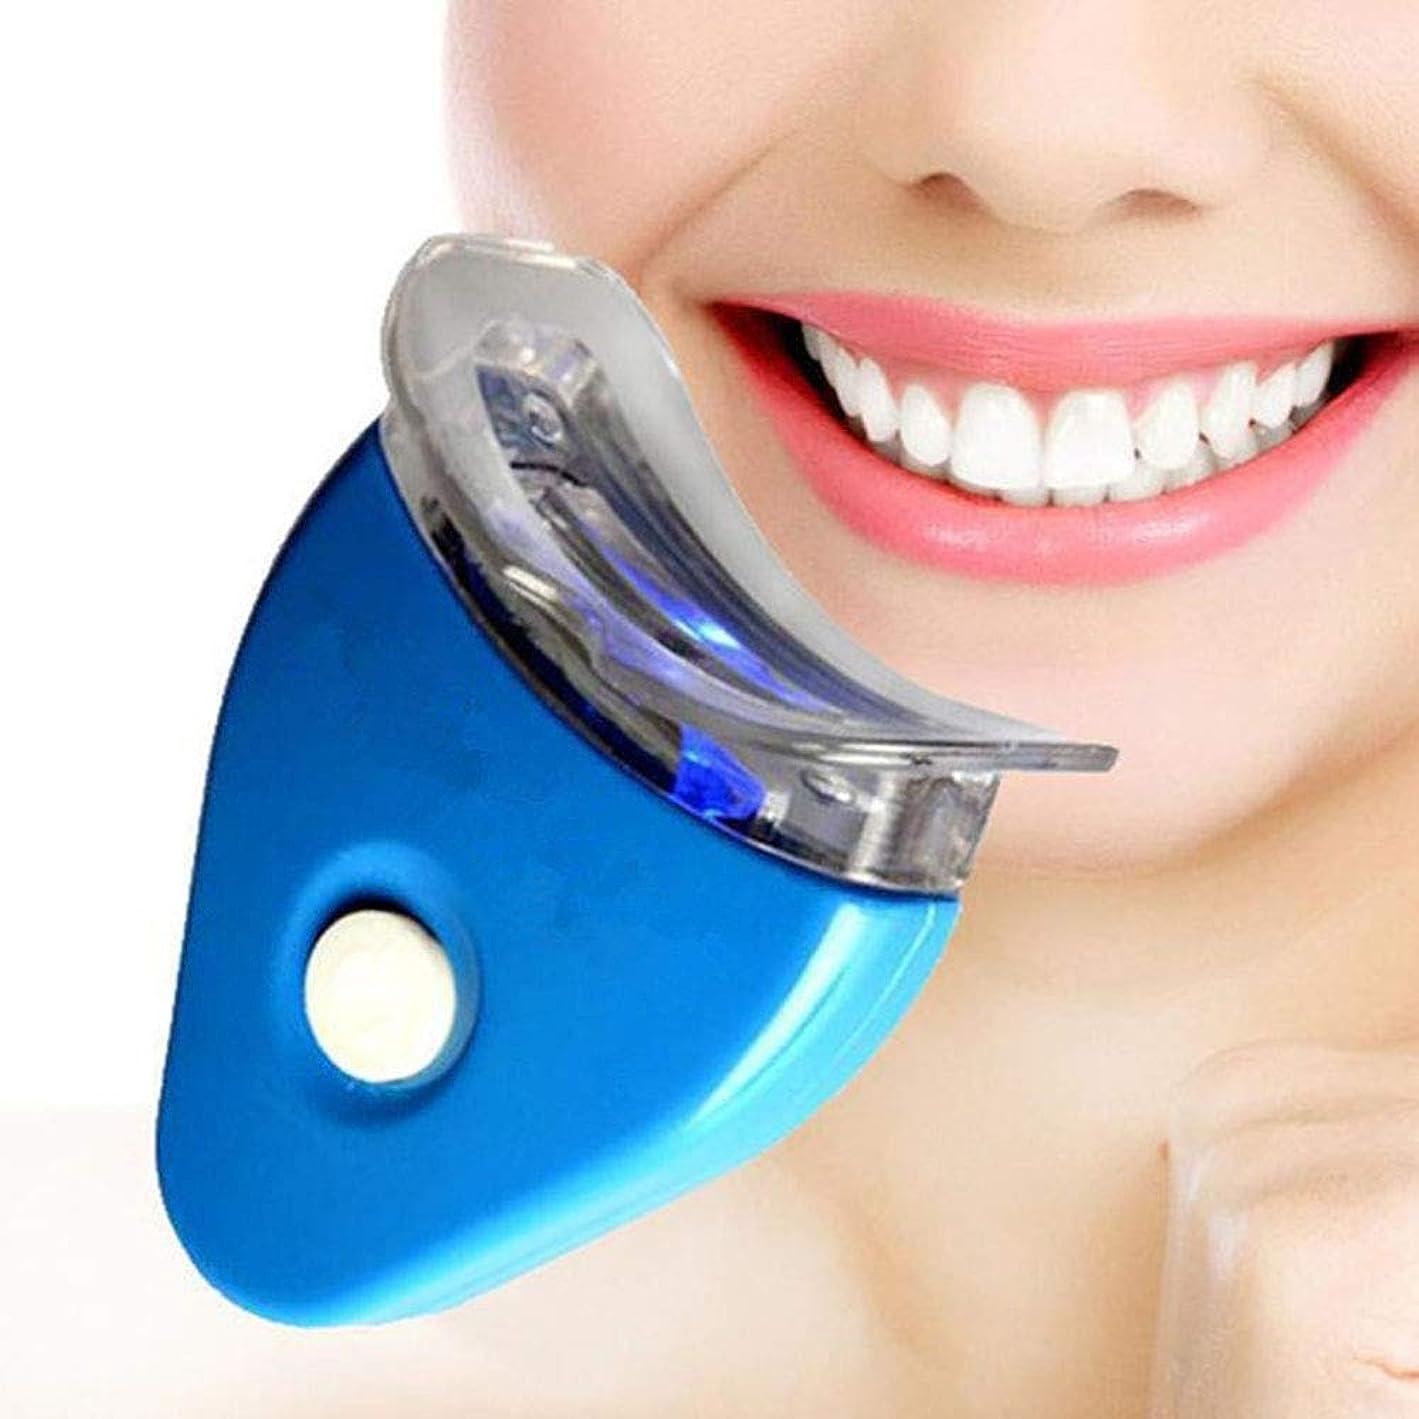 リング汚れたインタビュー歯のホワイトニングキット、歯磨き粉漂白健康な口腔ケア歯磨き粉個人用歯科キット/健康な口腔ケア、LEDライト付き